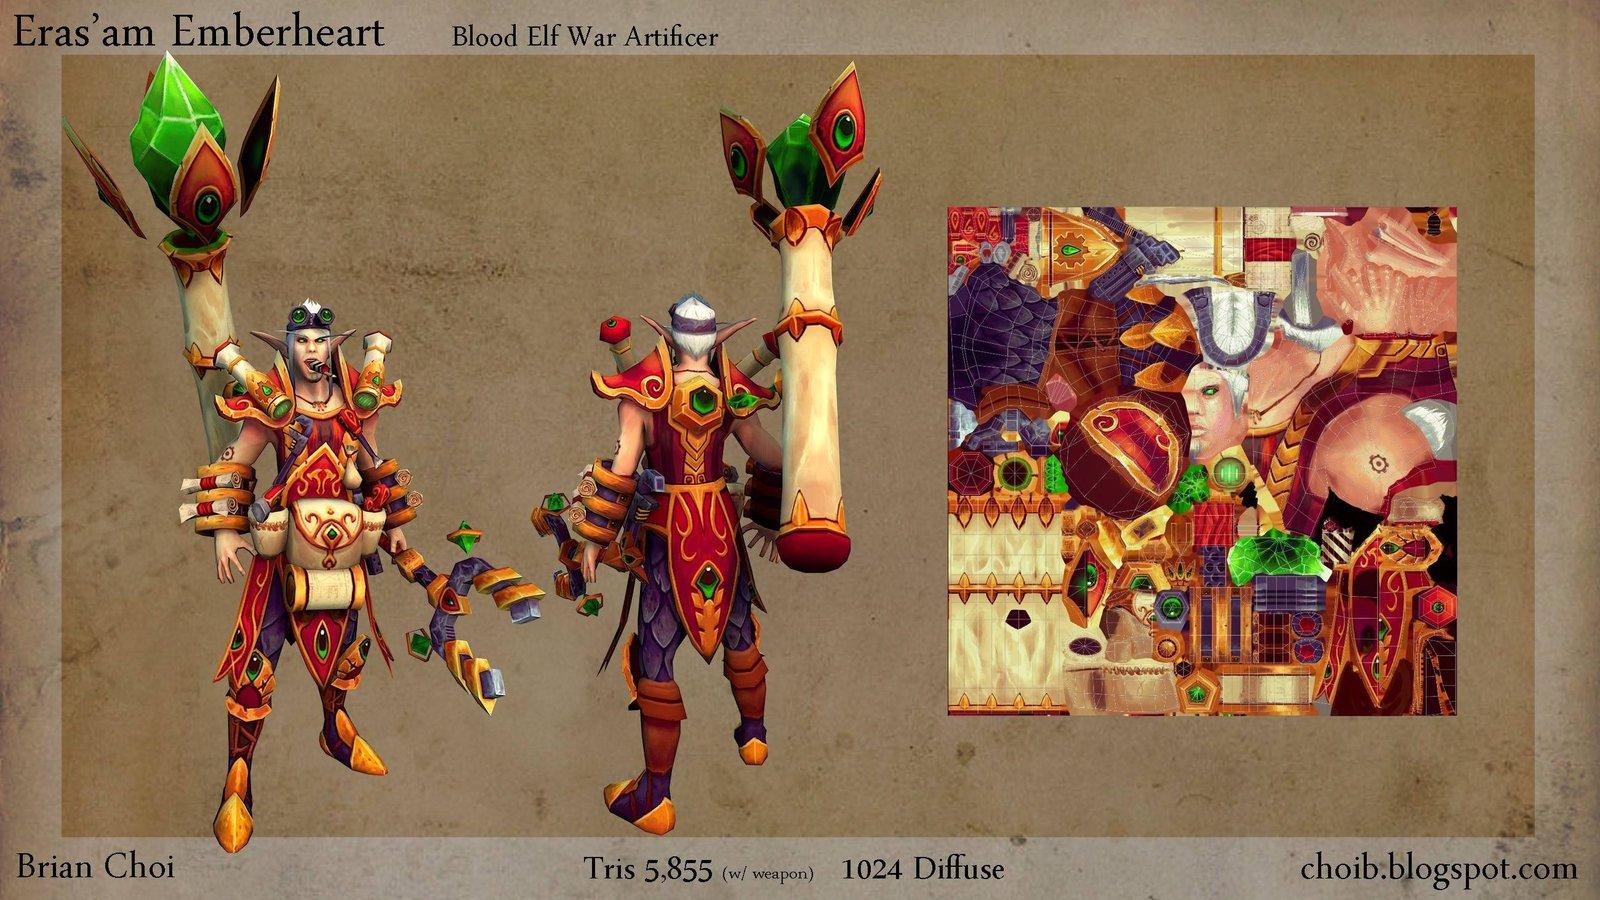 Erasam Emberheart, Blood Elf War Artificer